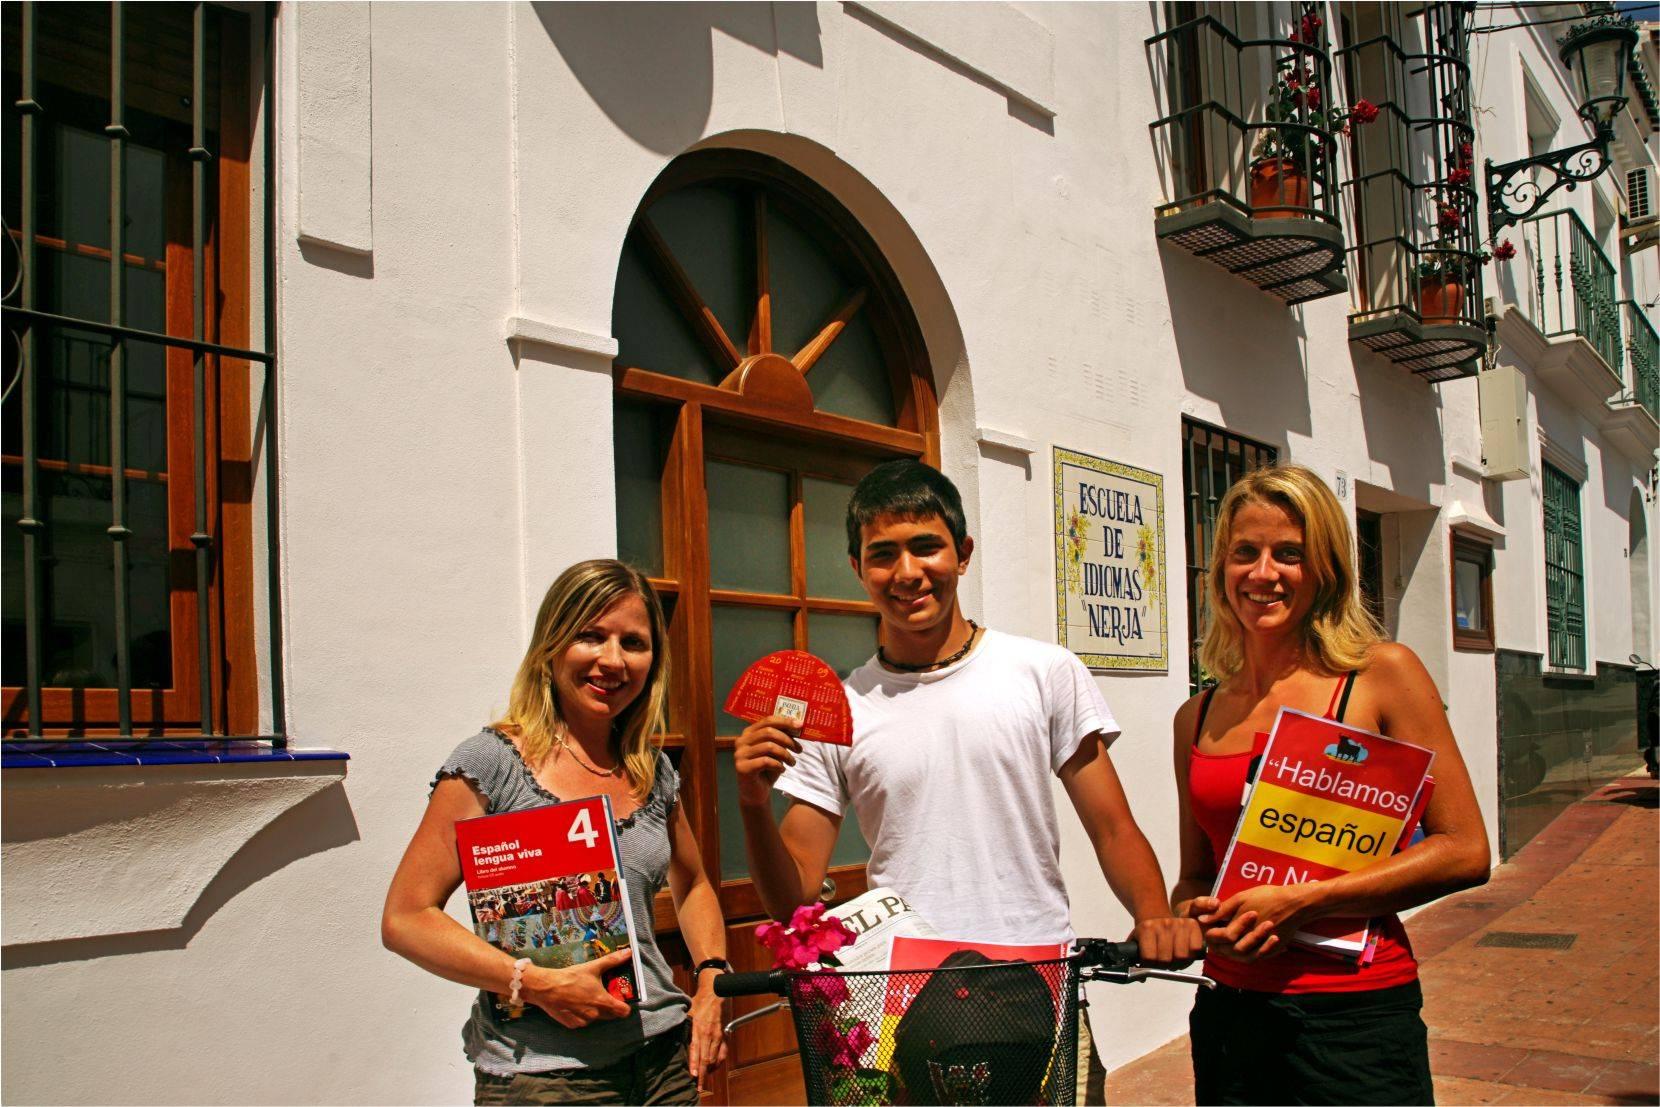 Бесплатные курсы испанского языка в мадриде и барселоне. испания по-русски - все о жизни в испании